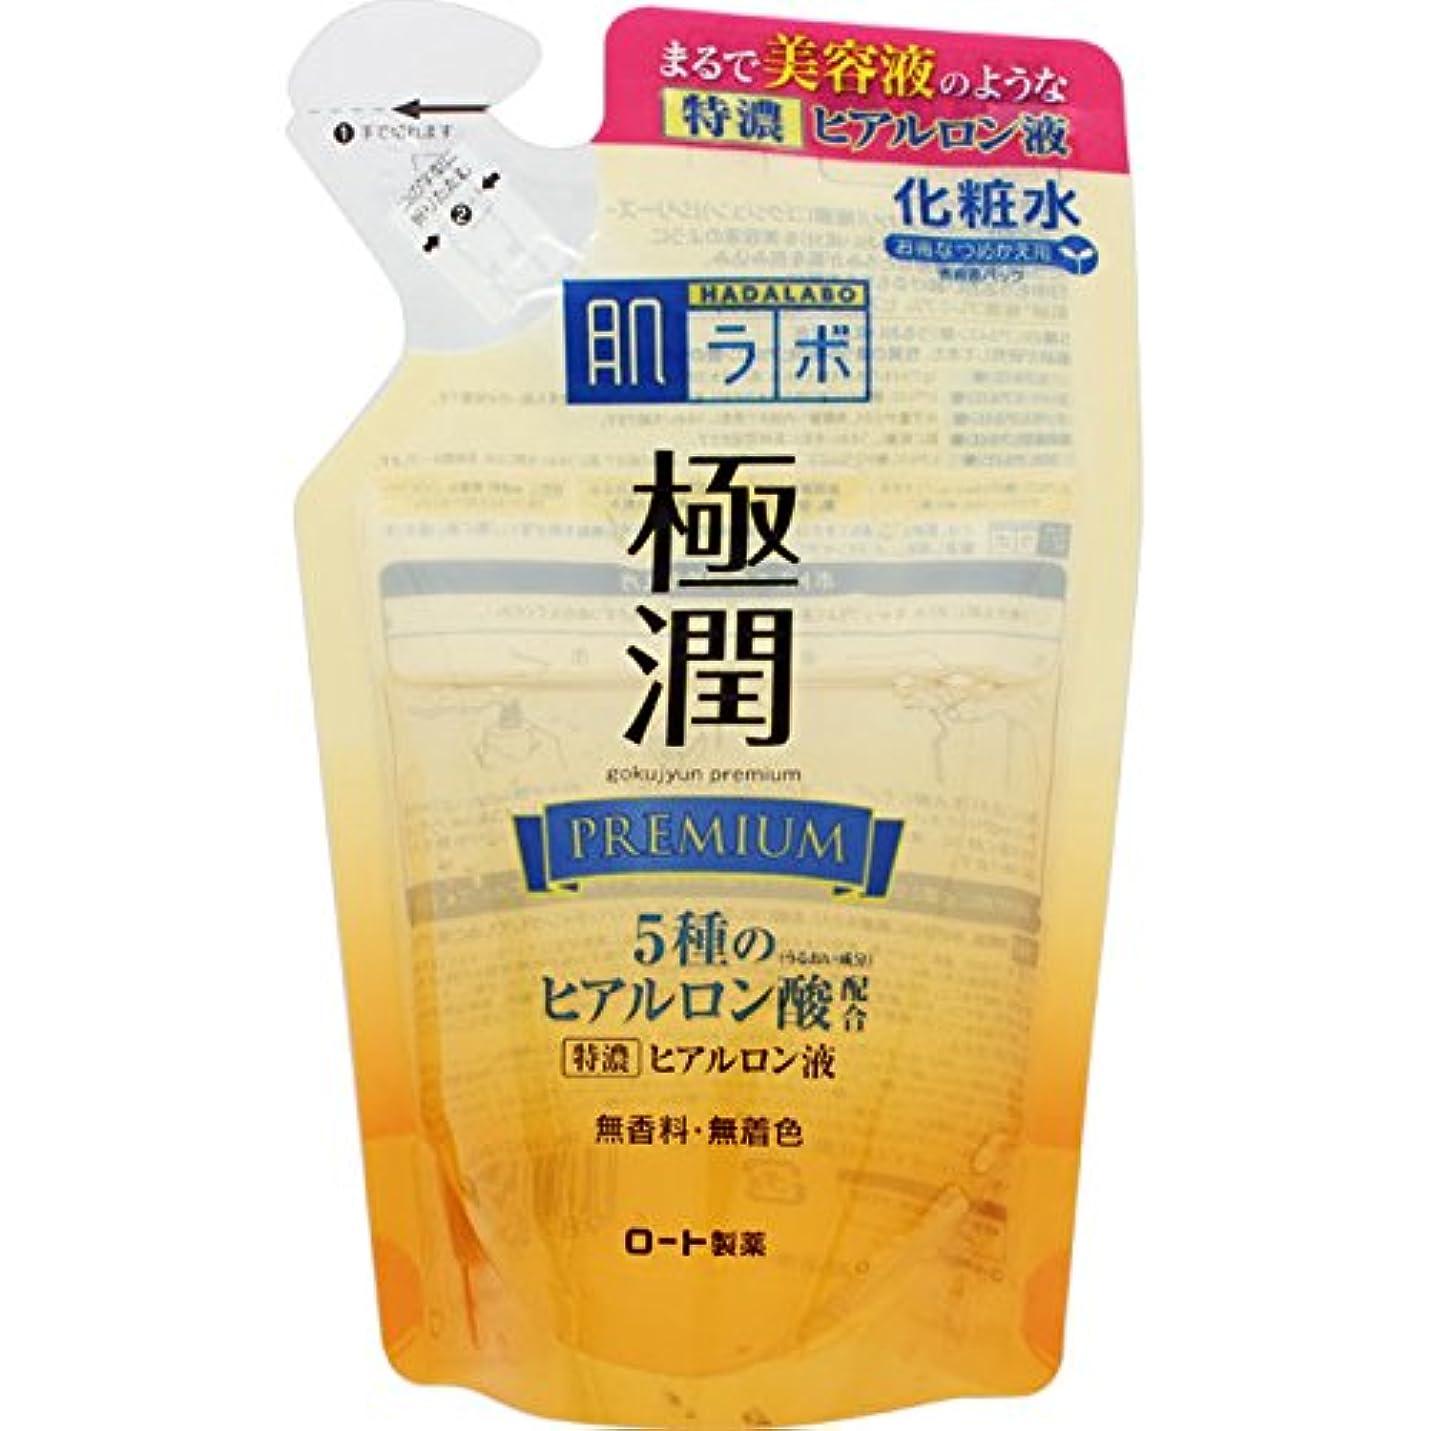 受付かなりの男やもめ肌ラボ 極潤プレミアム 特濃ヒアルロン液 ヒアルロン酸5種類×サクラン配合 詰替用 170mL